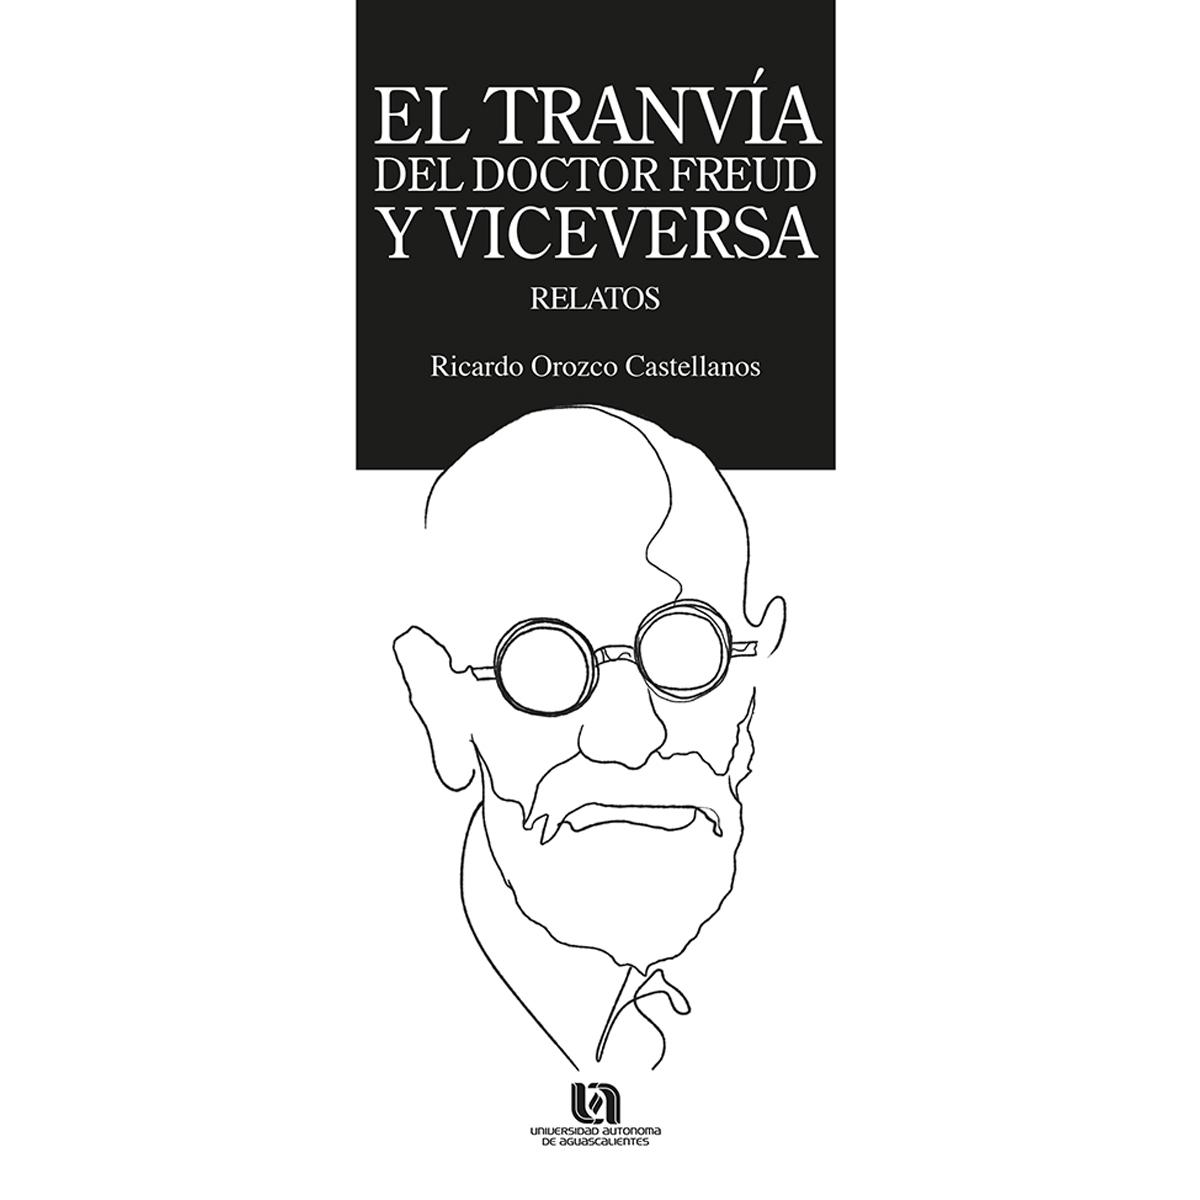 El tranvía del Dr. Freud y viceversa